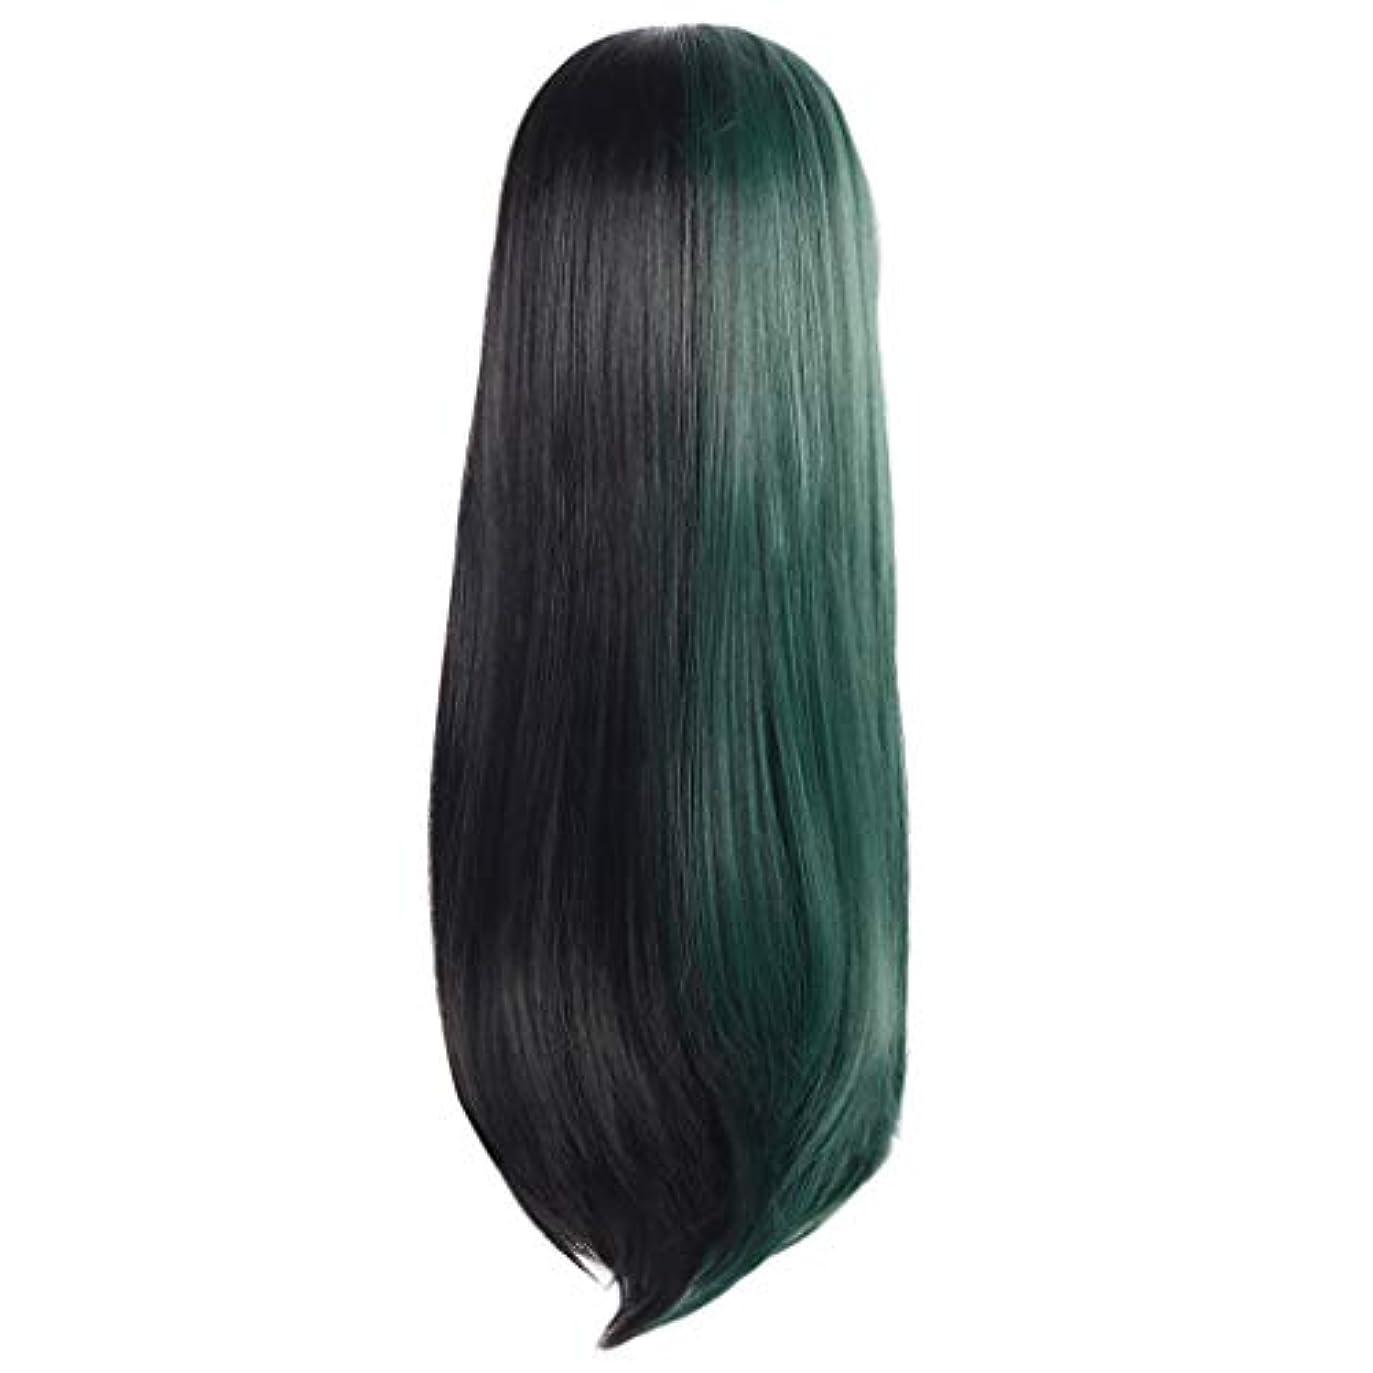 ガス穏やかな高音女性の長いストレートの髪黒緑のかつら創造的な性格かつらローズネット